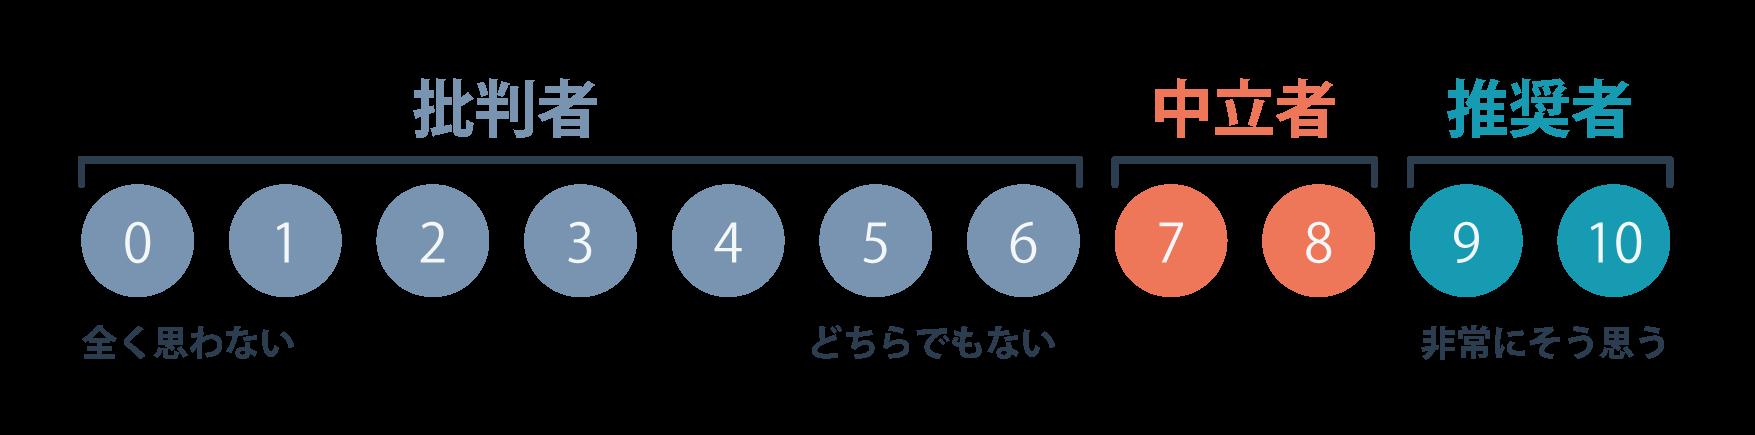 NPSの計測方法